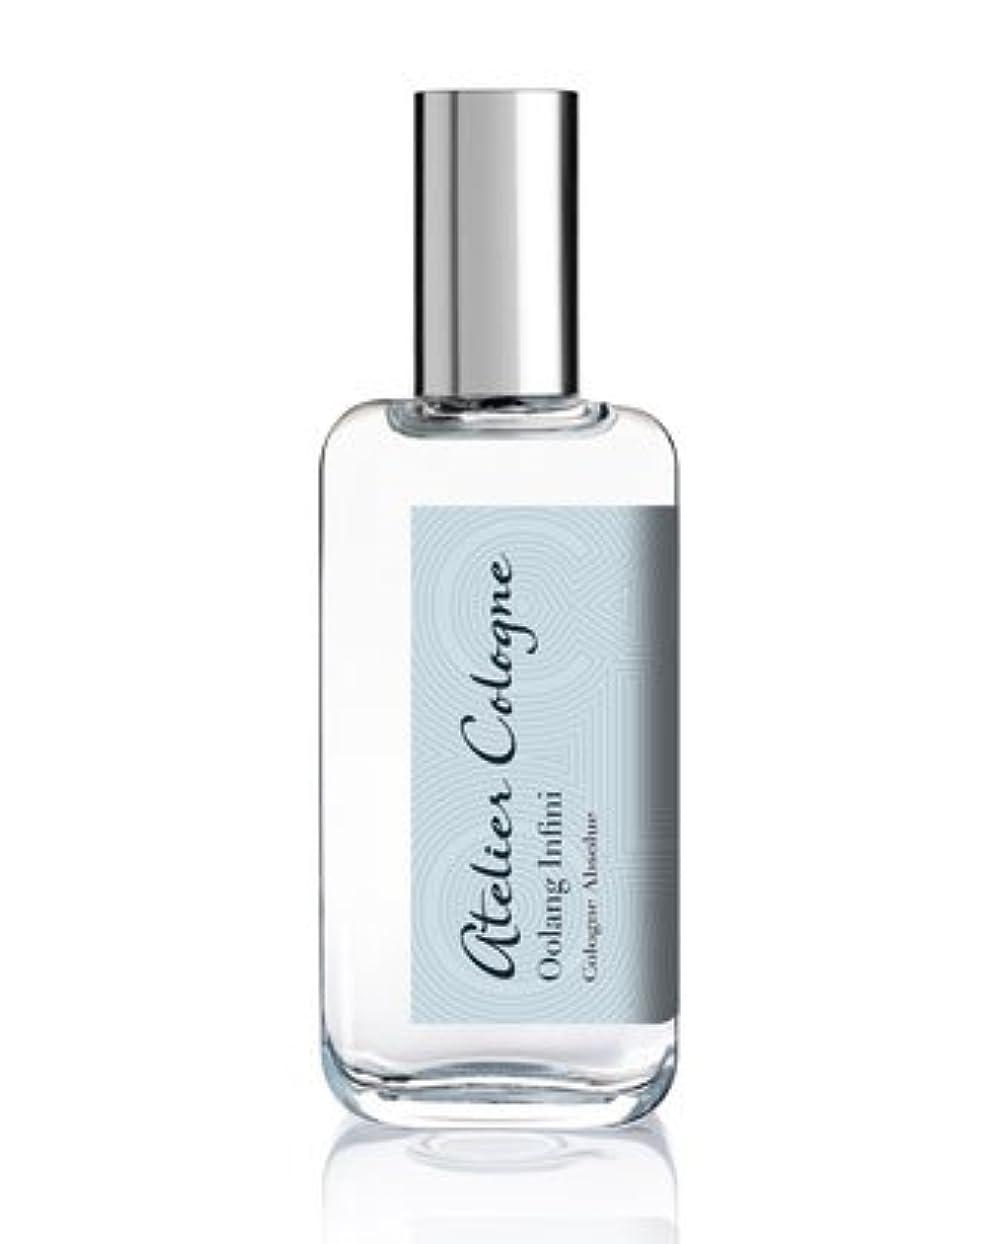 有利記述する少数Atelier Cologne Oolang Infini (アトリエコロンオーラングインフィニー) 1.0 oz (30ml) Cologne Absolue